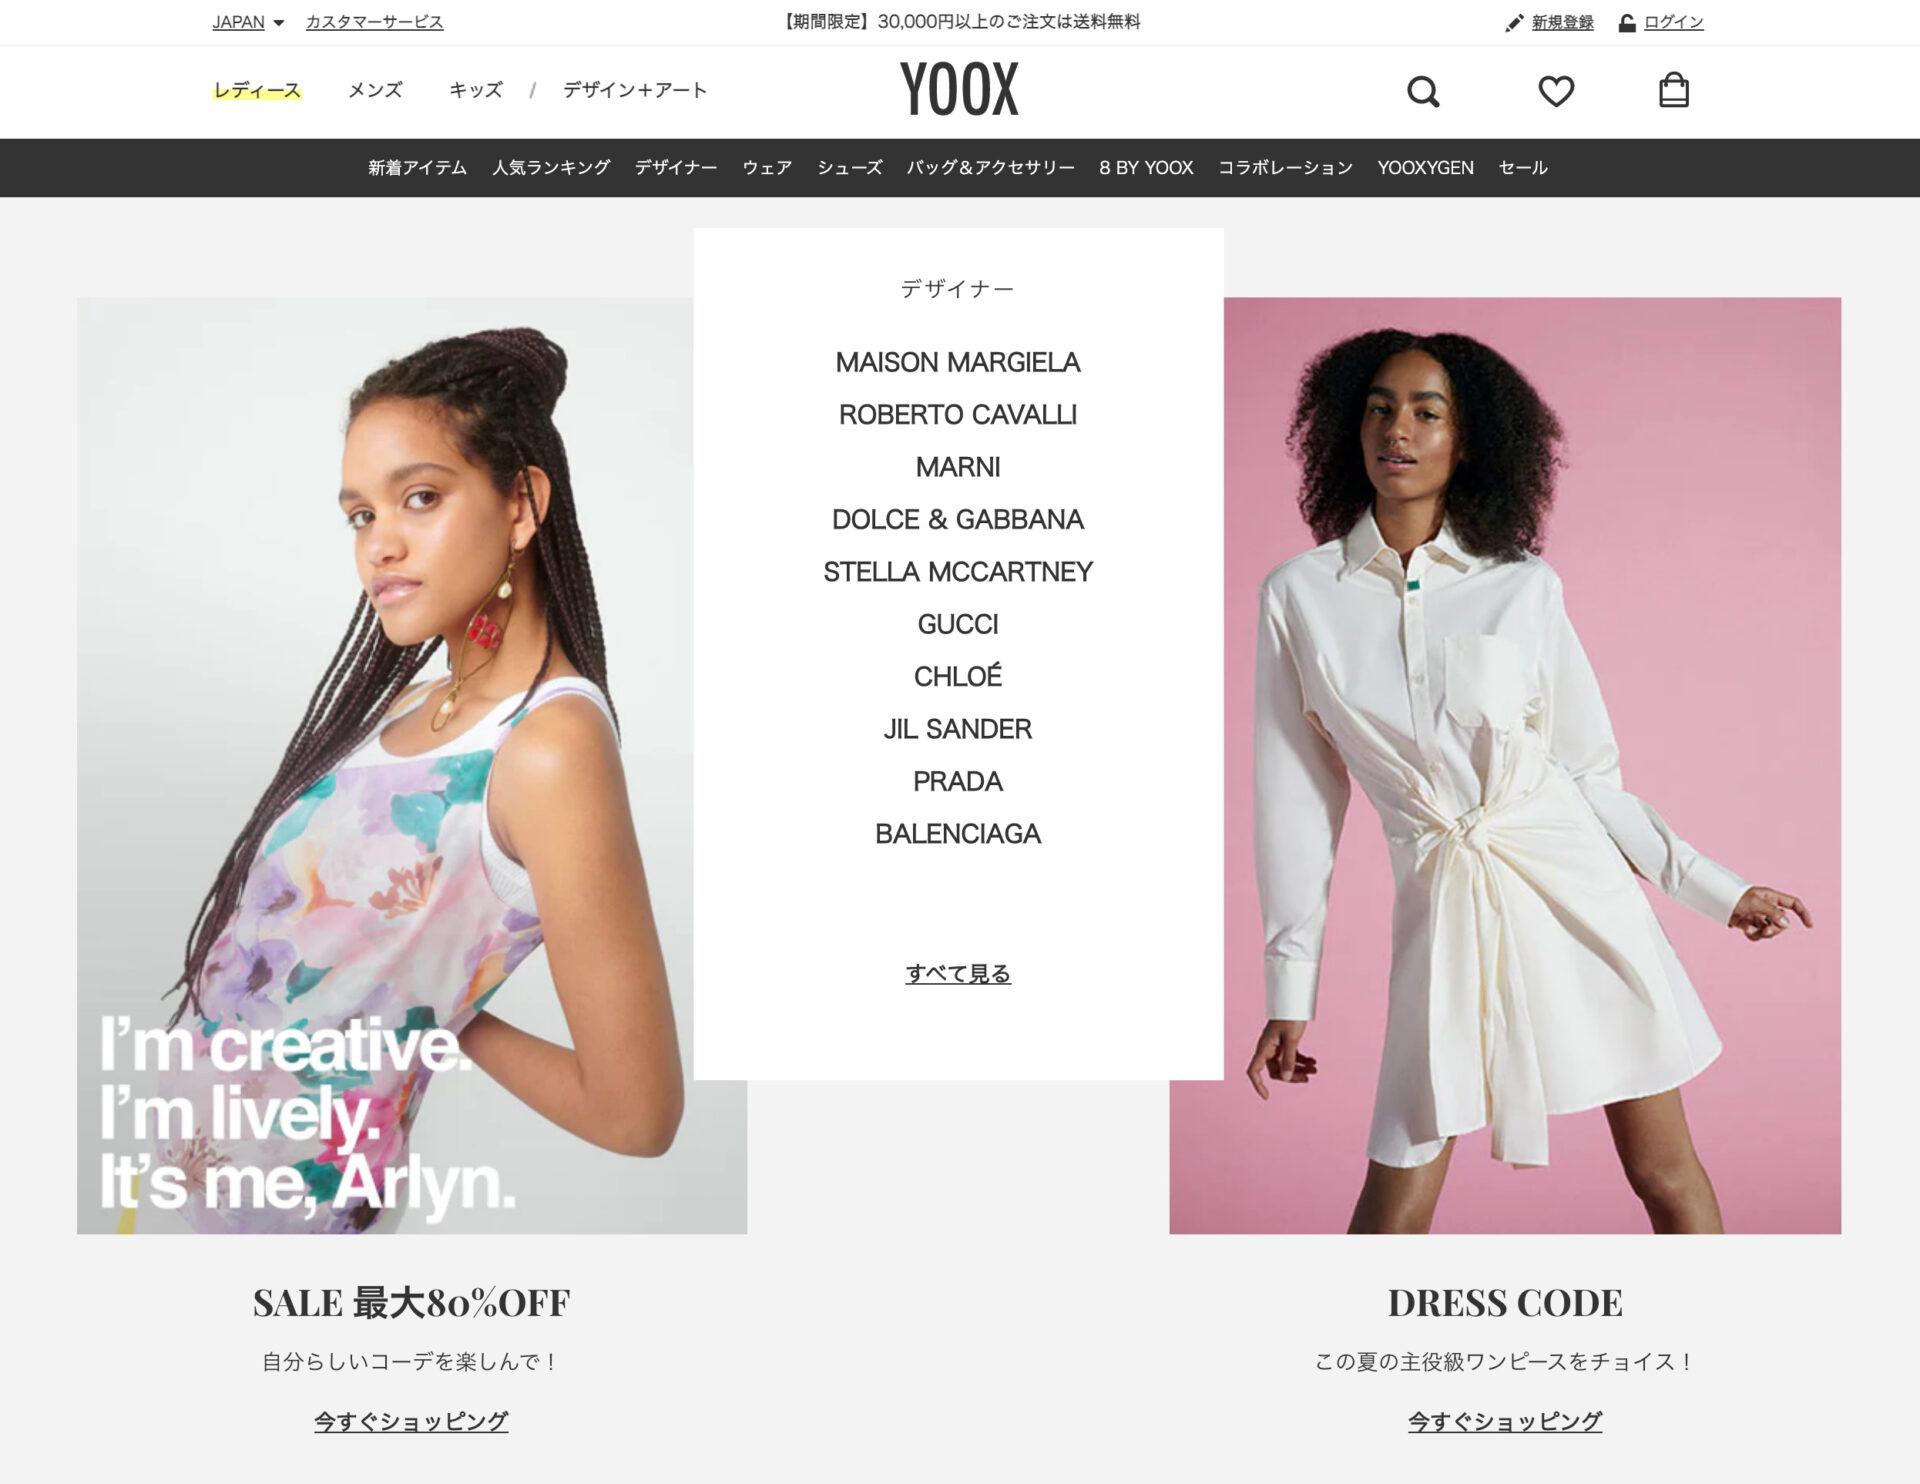 YOOX ユークスの海外通販